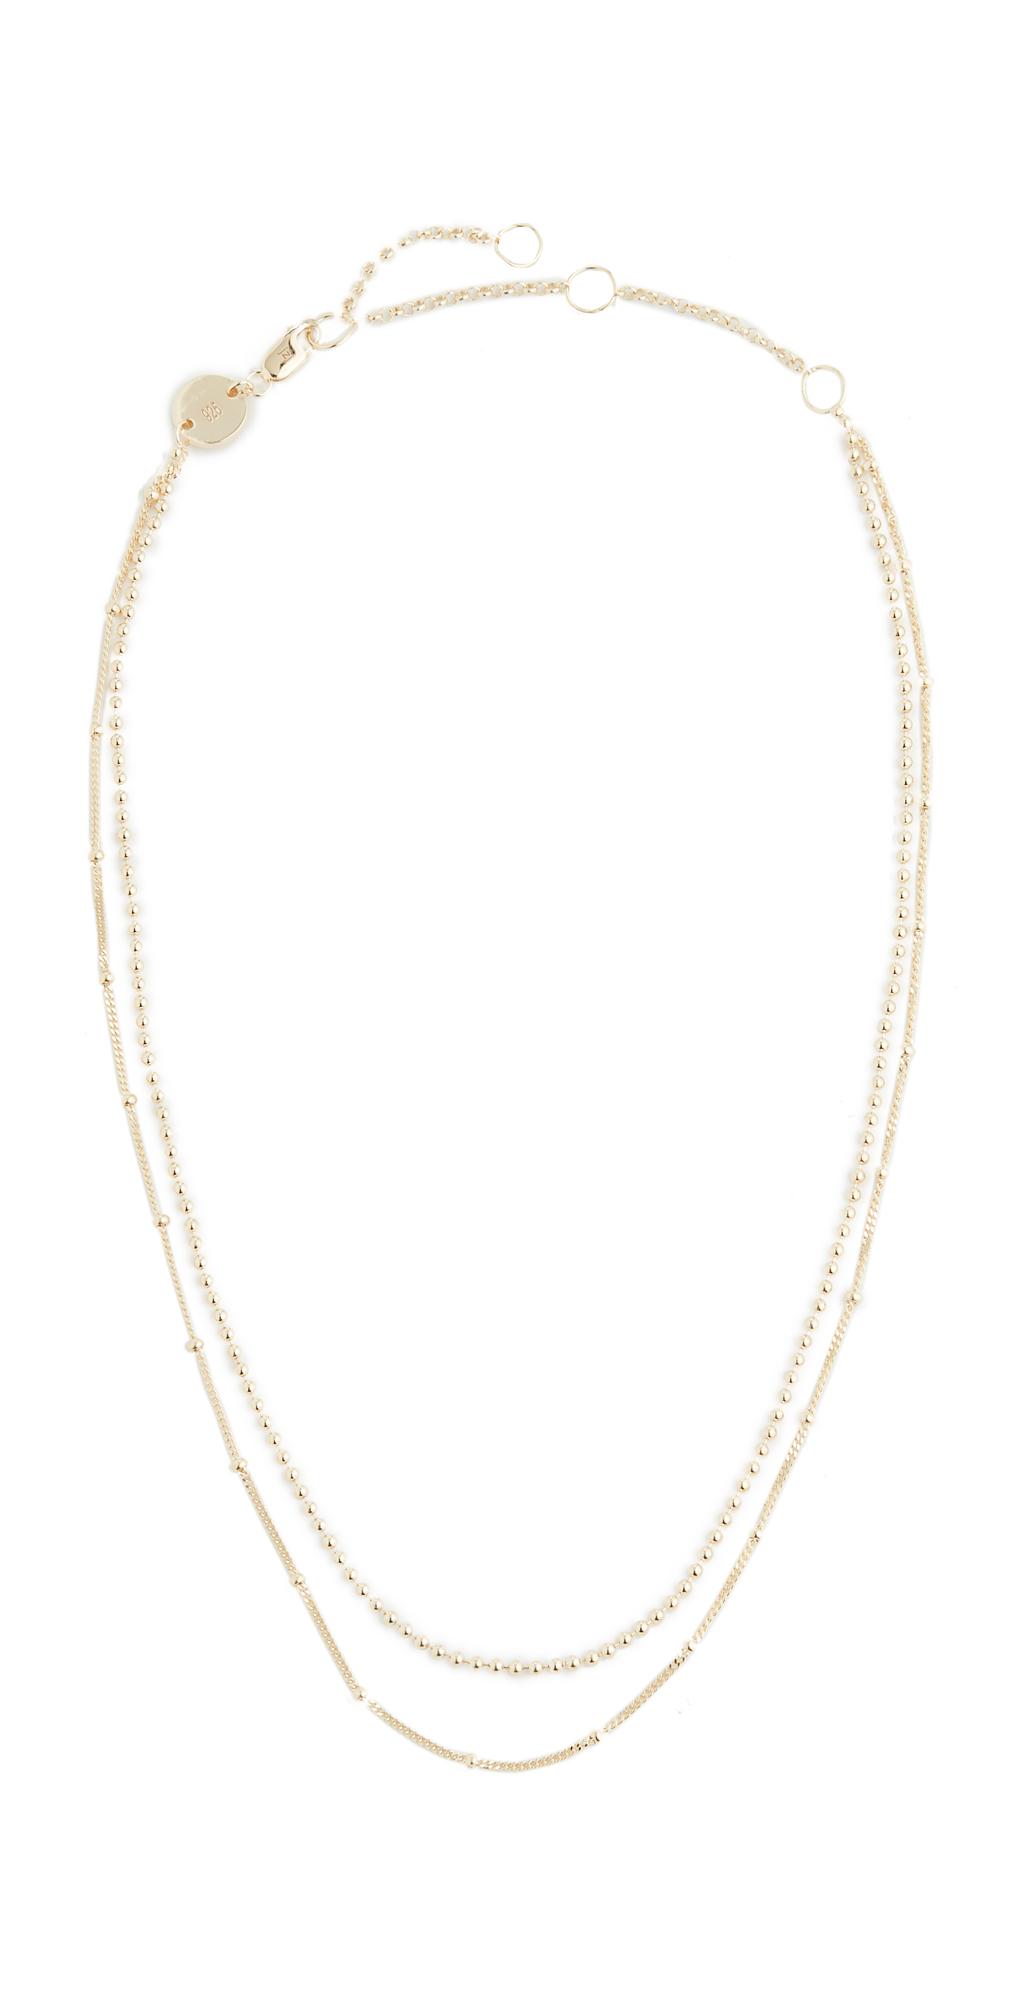 Ramy Choker Necklace